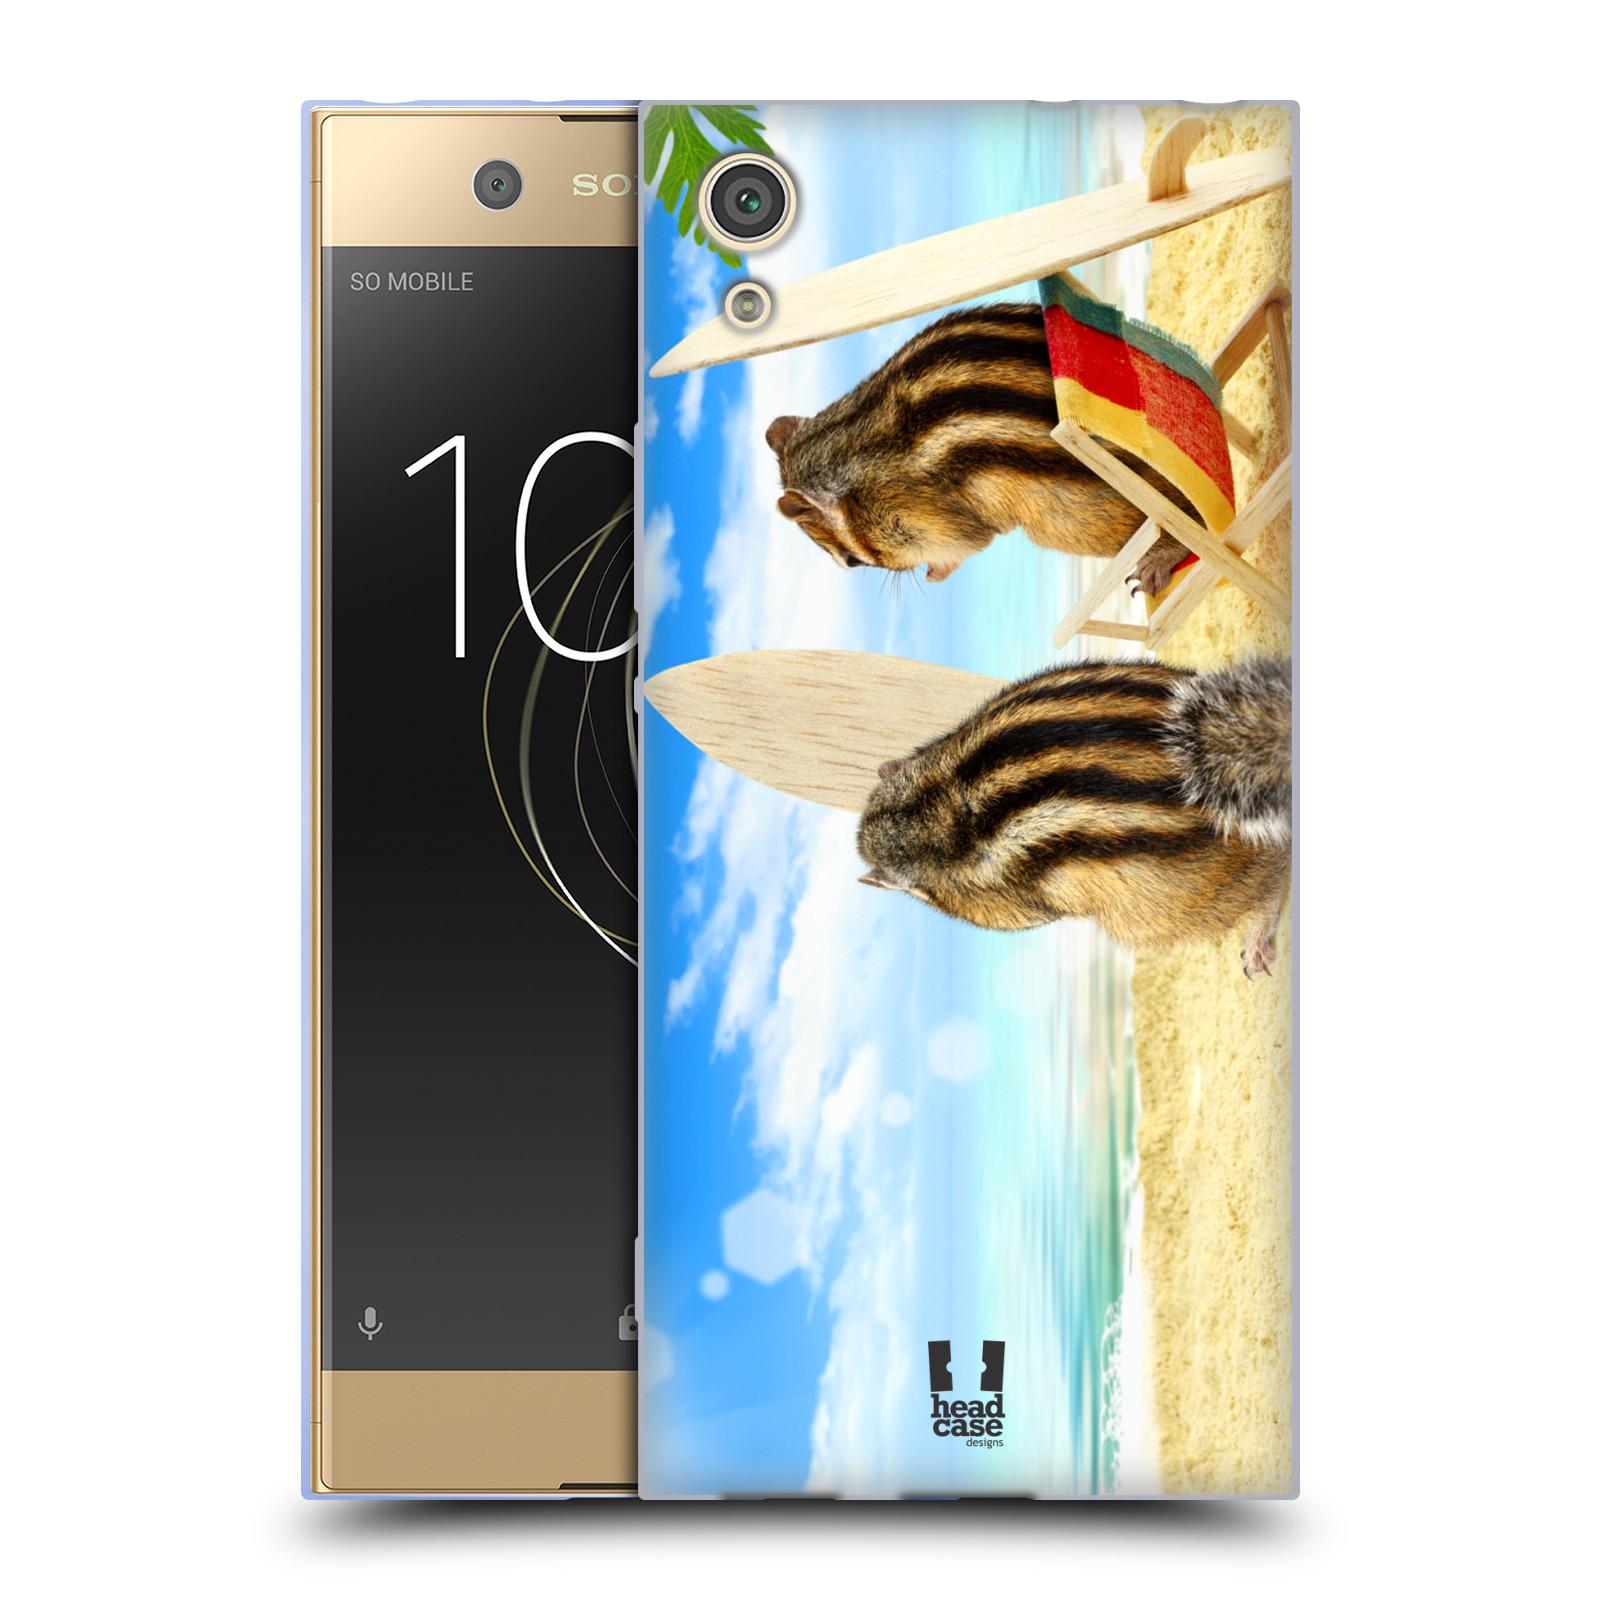 HEAD CASE silikonový obal na mobil Sony Xperia XA1 / XA1 DUAL SIM vzor Legrační zvířátka veverky surfaři u moře